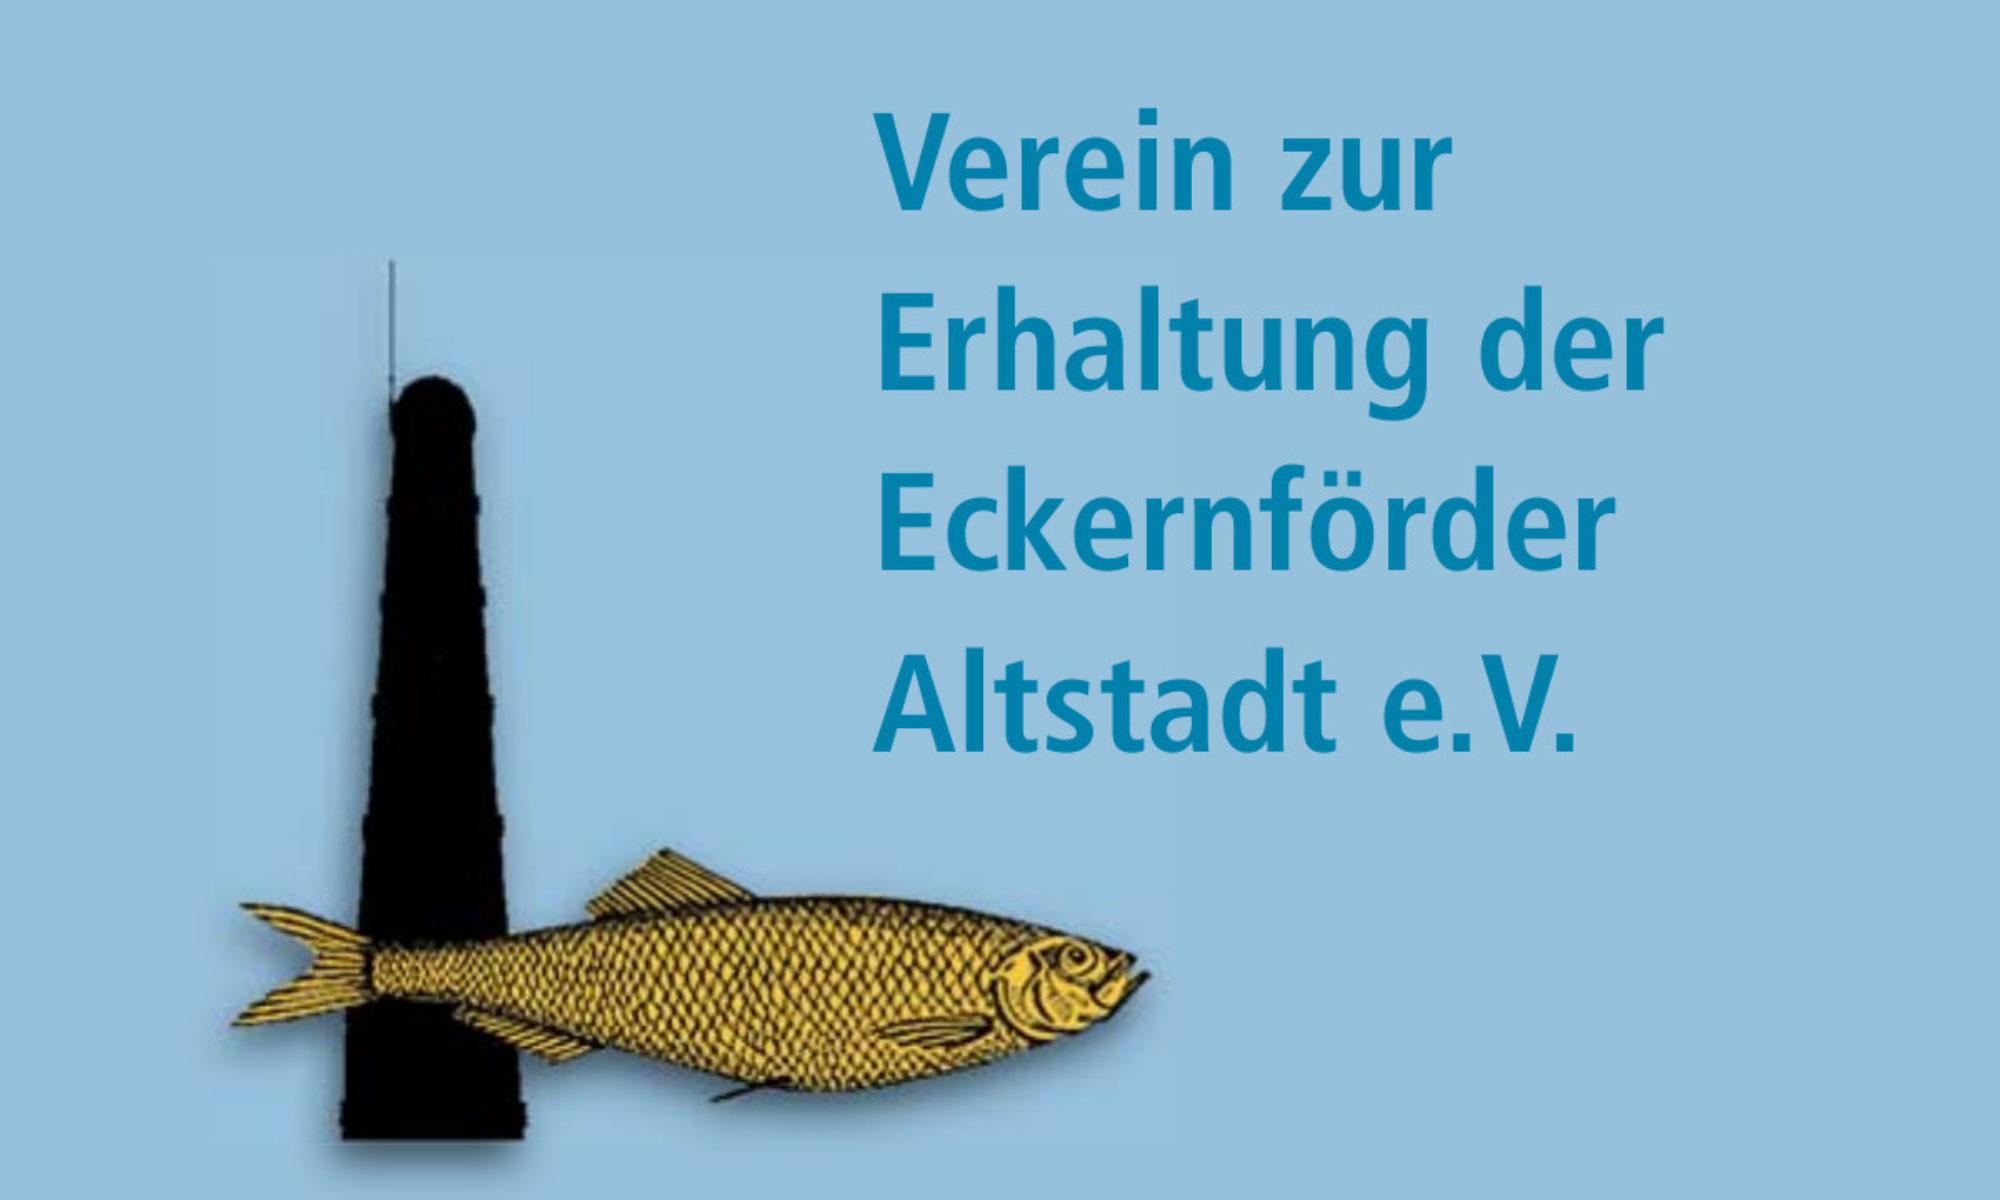 Altstadtverein Eckernförde